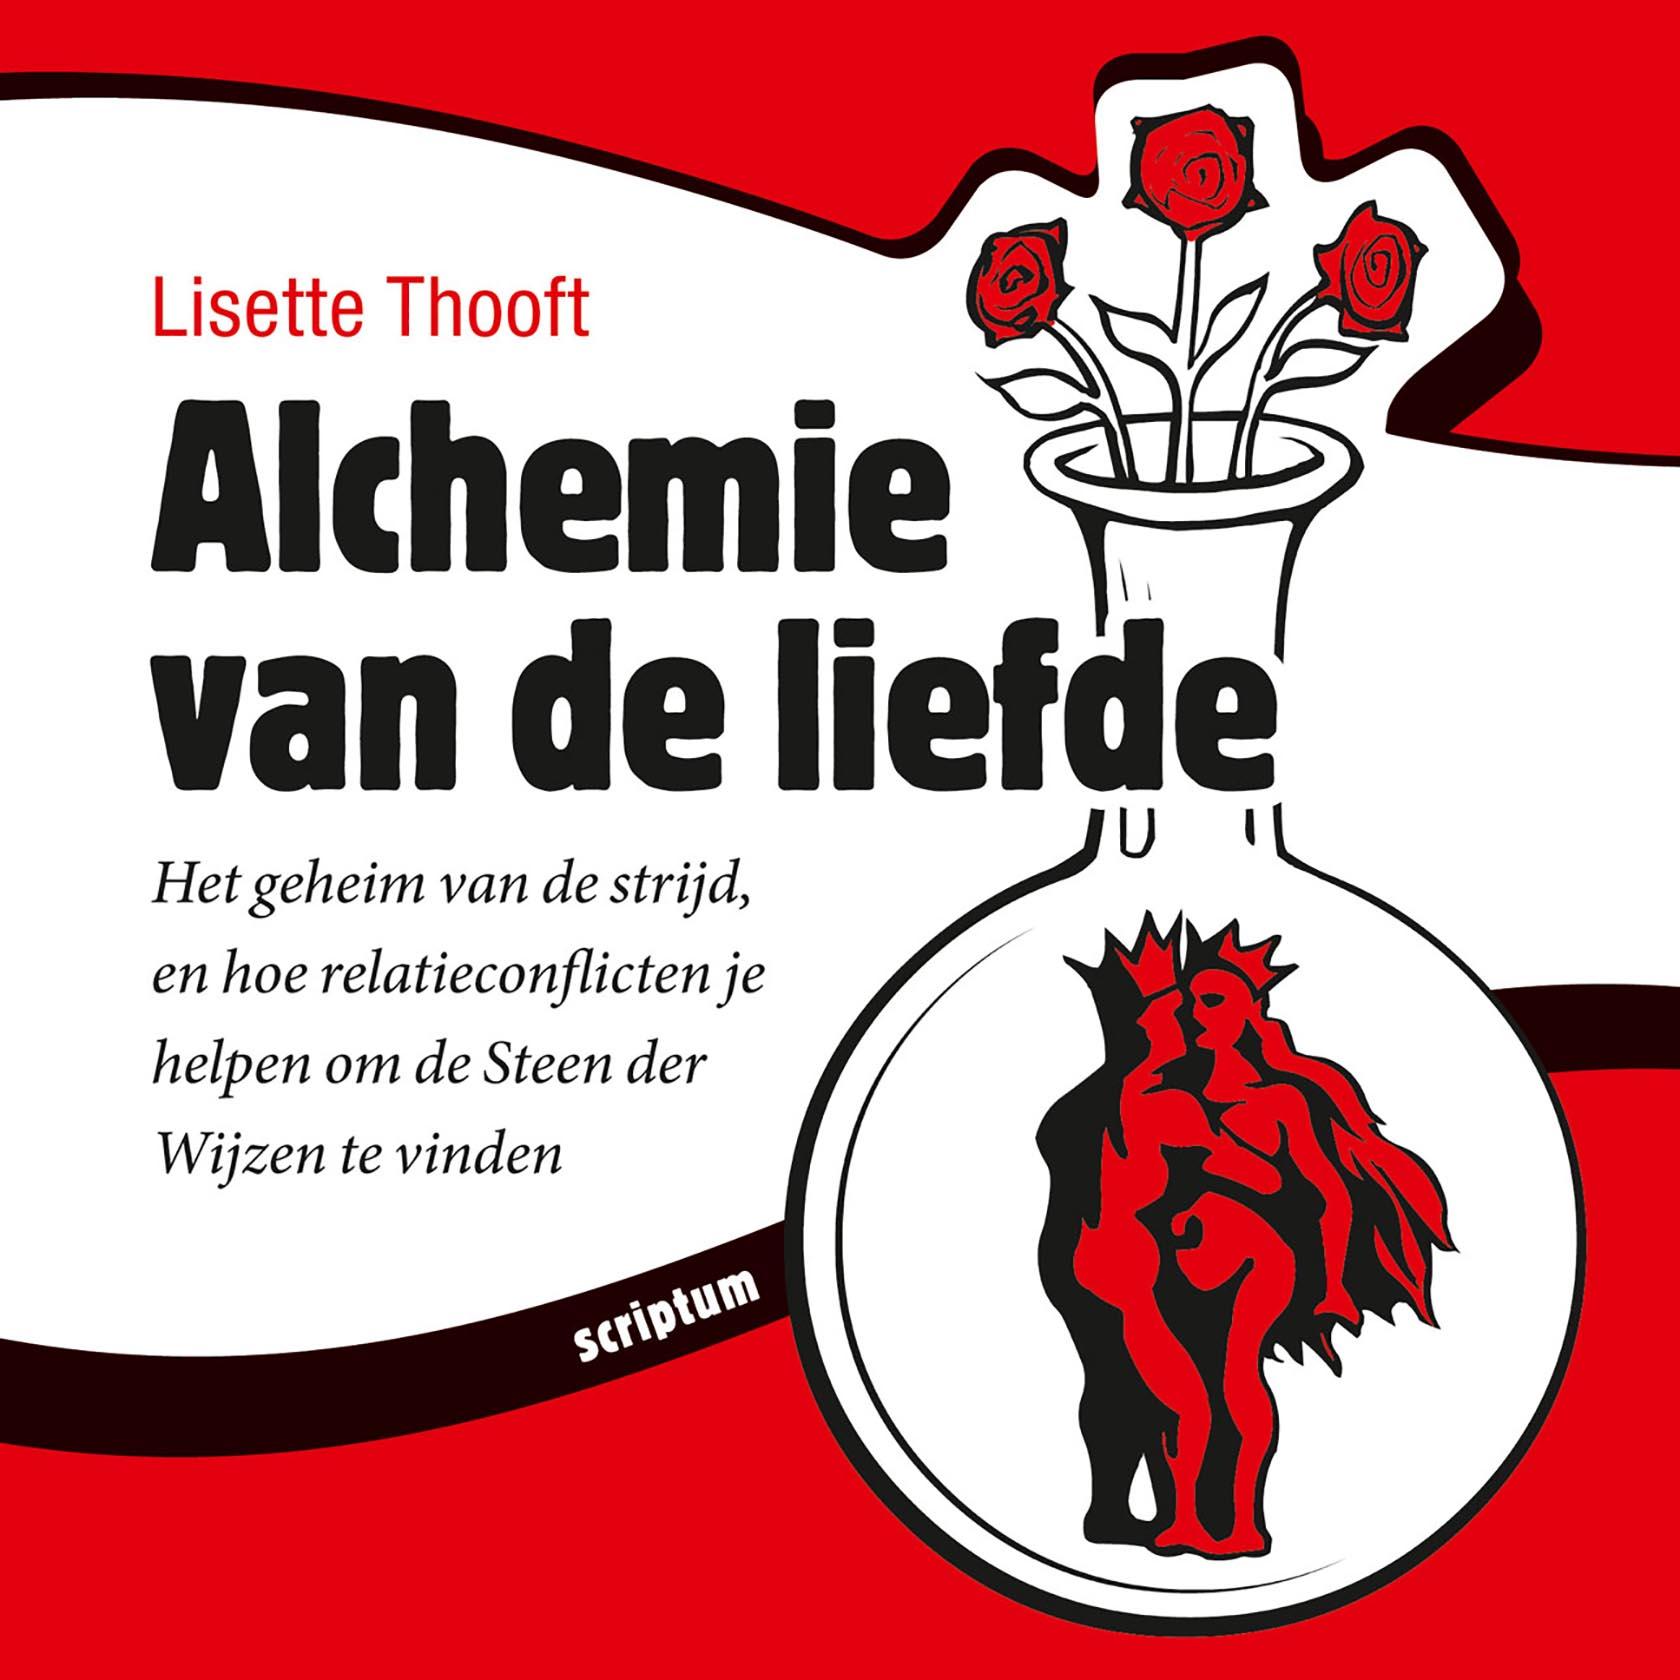 Alchemie Van De Liefde Scriptum